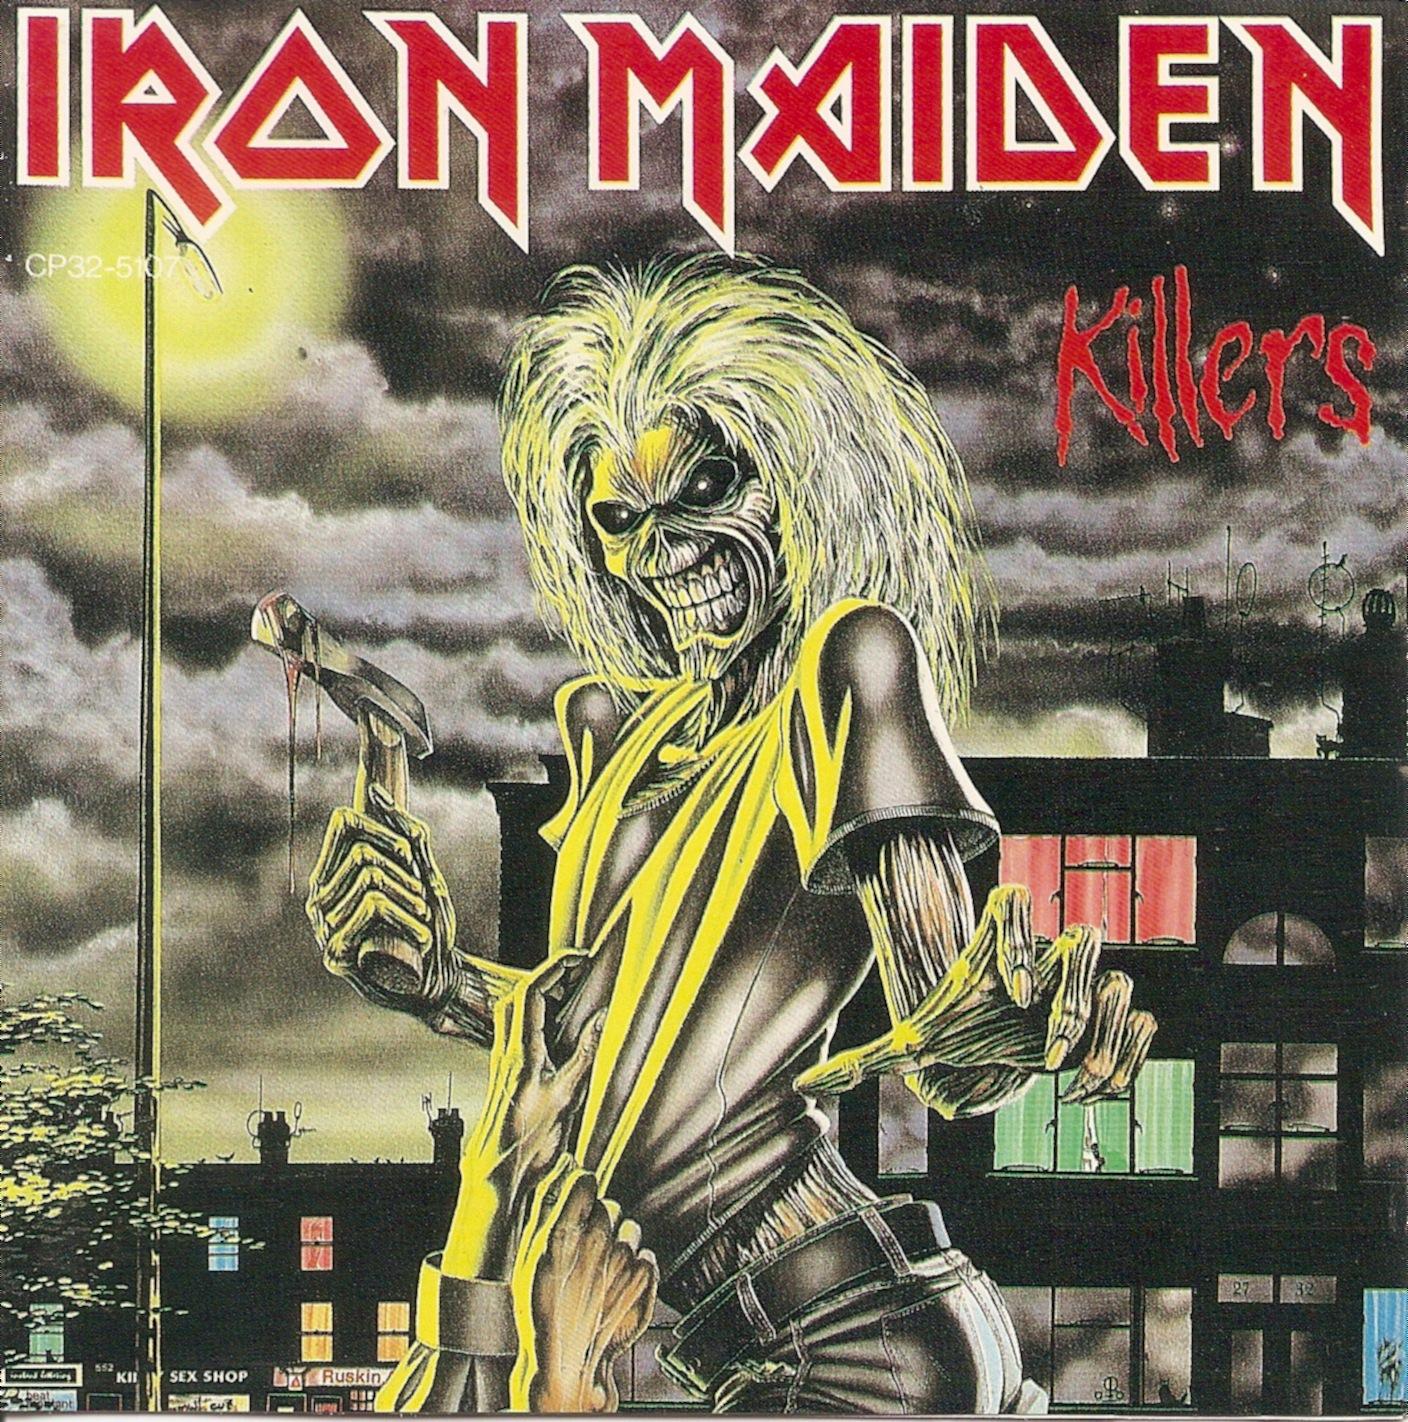 Bilder Iron Maiden